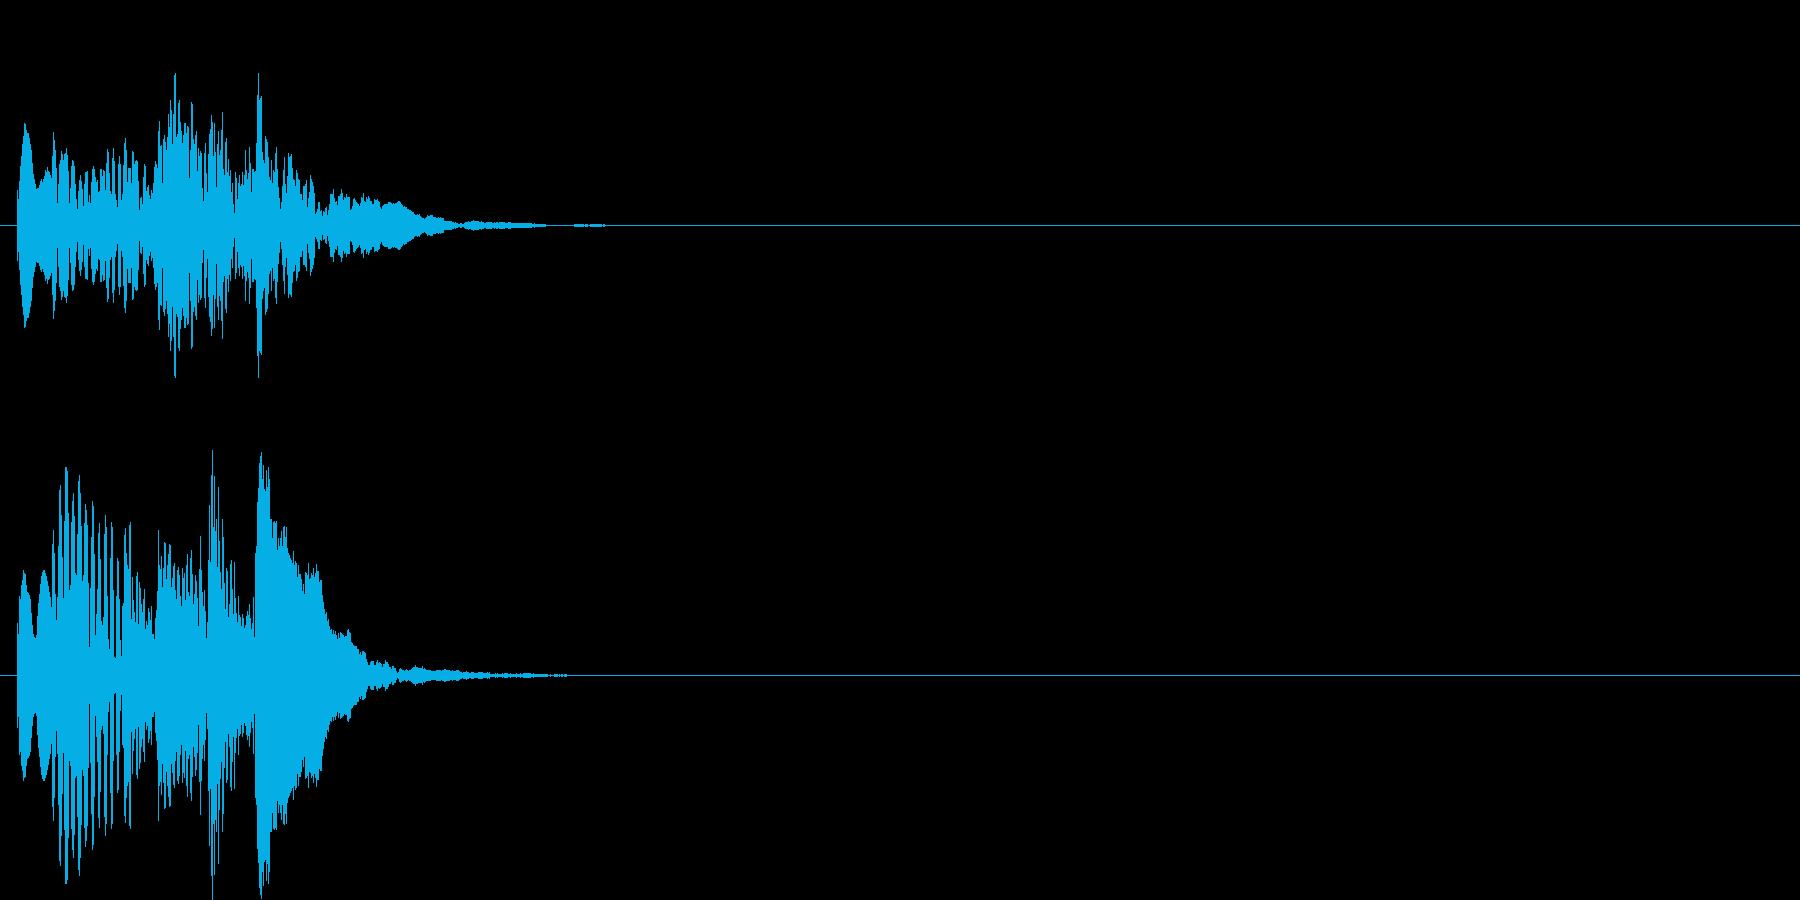 グリッサンド03 マリンバ(上昇)の再生済みの波形